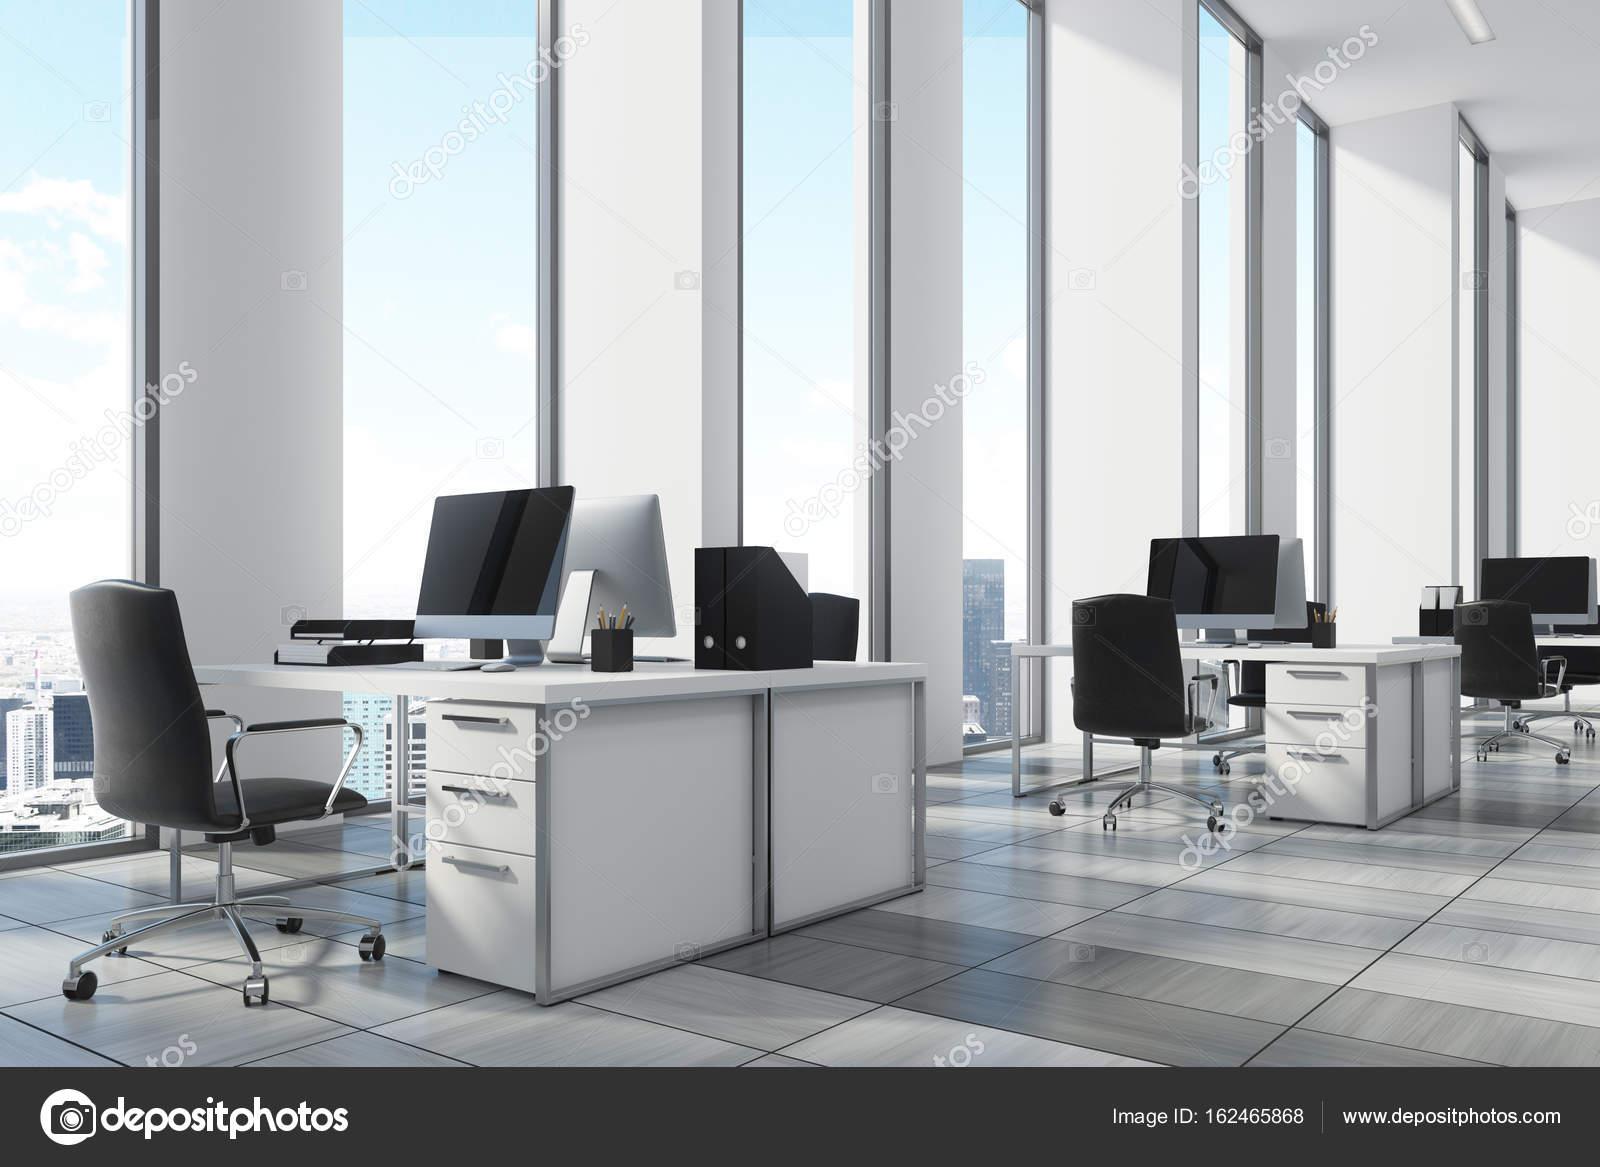 Blanc environnement bureau ouvert coin fermer vers le haut